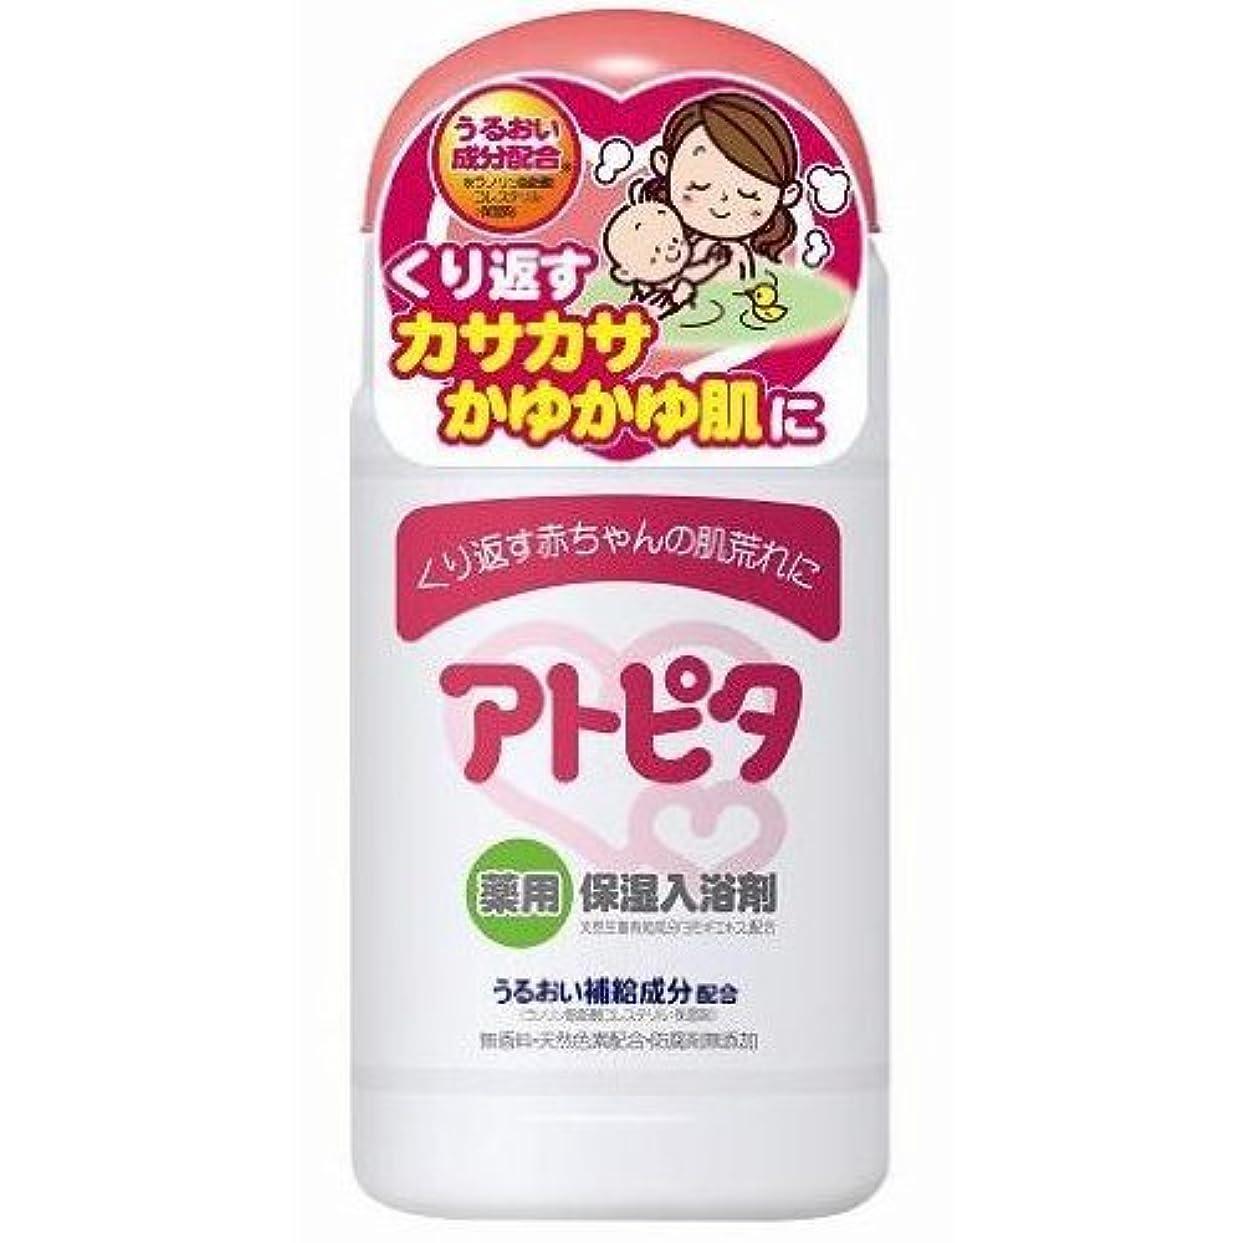 漏斗おばさんバリケードアトピタ薬用入浴剤 500g